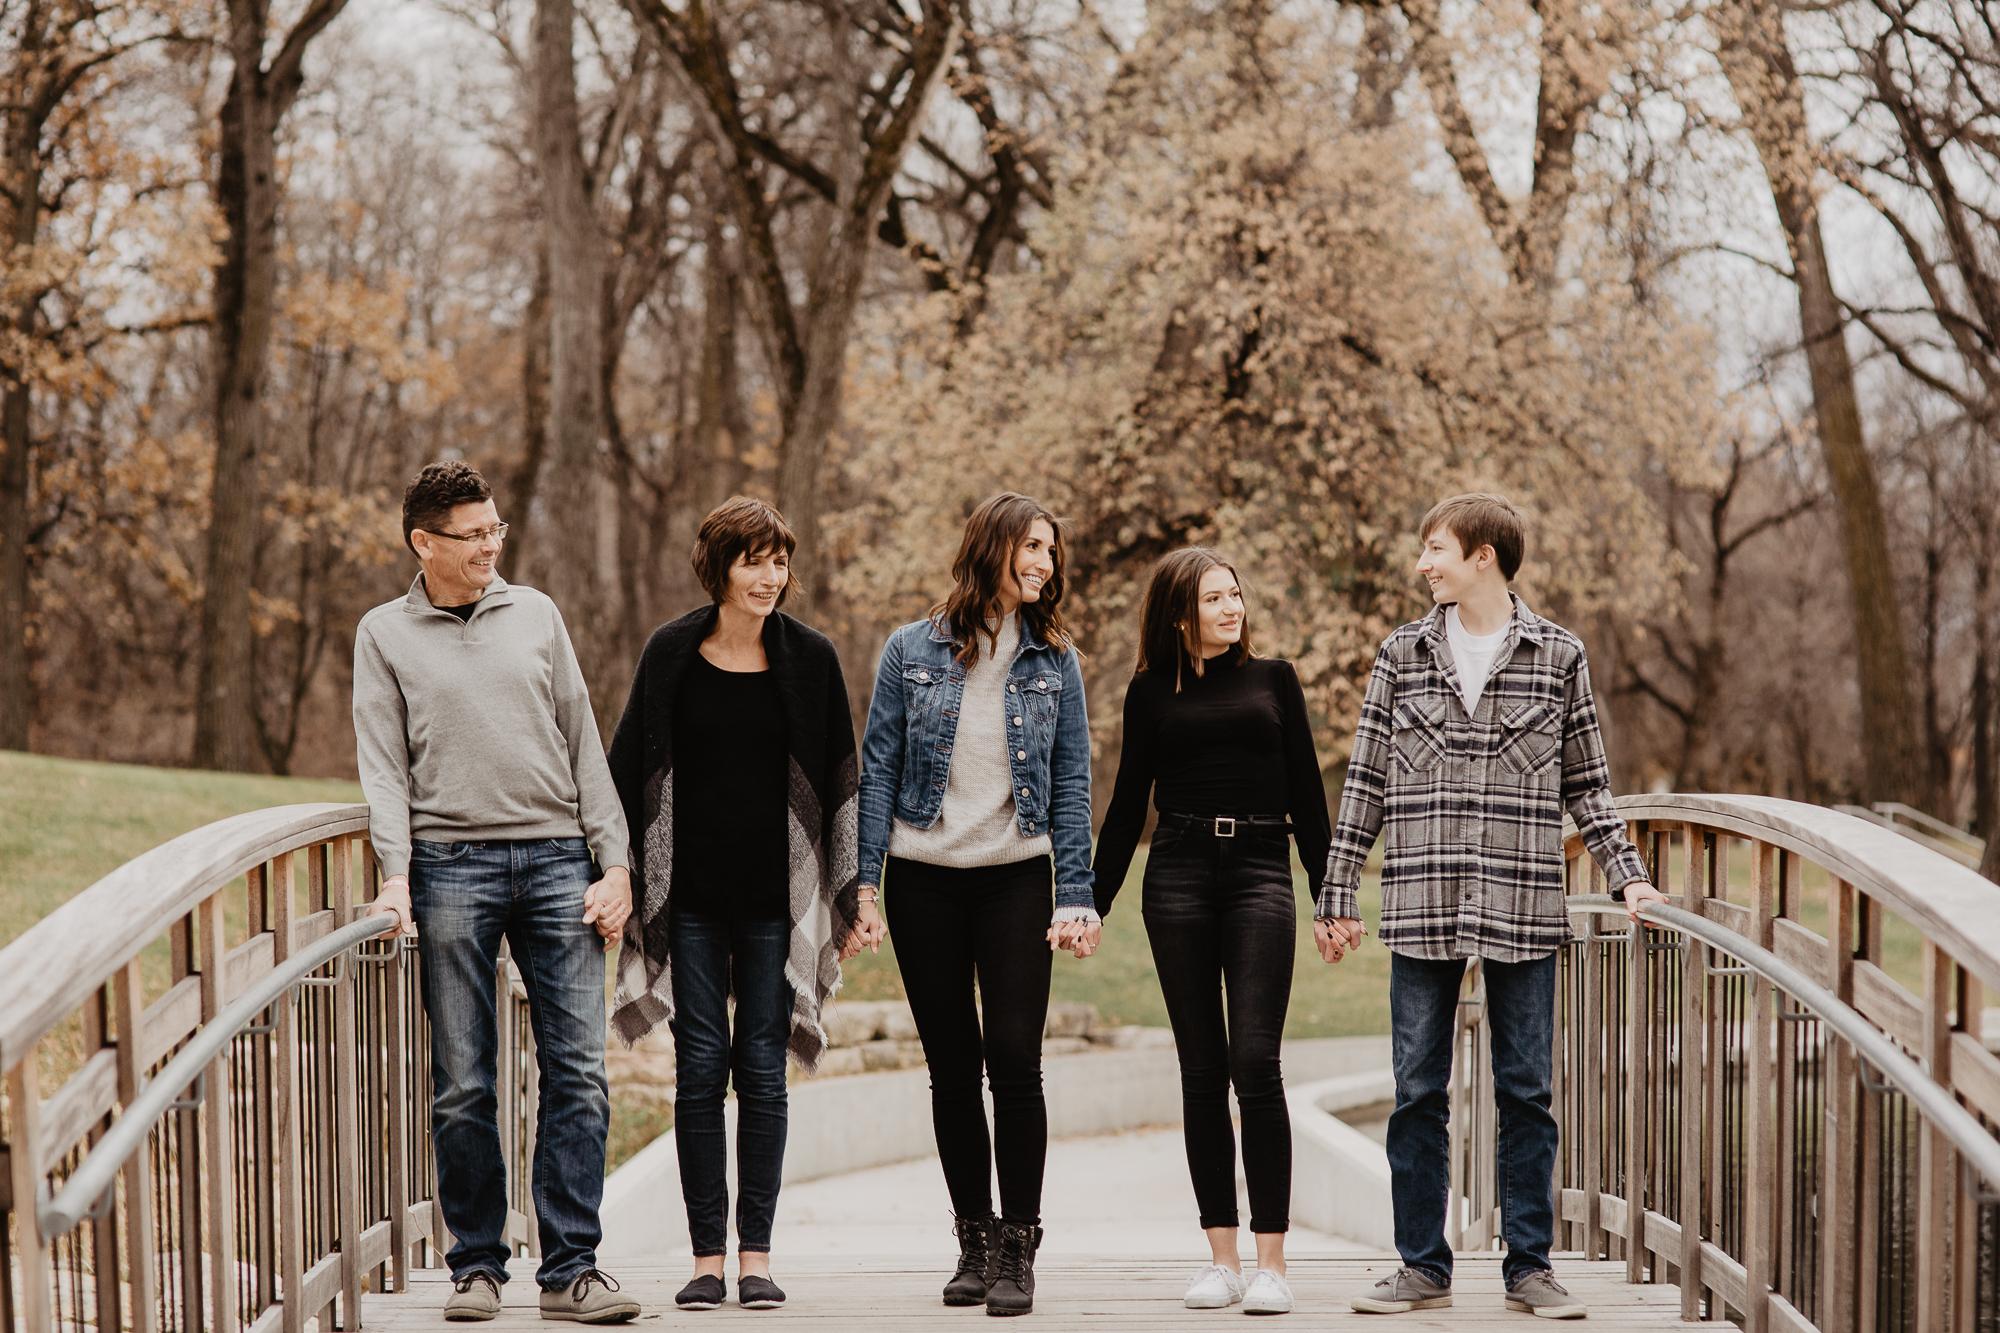 Krysta & Family